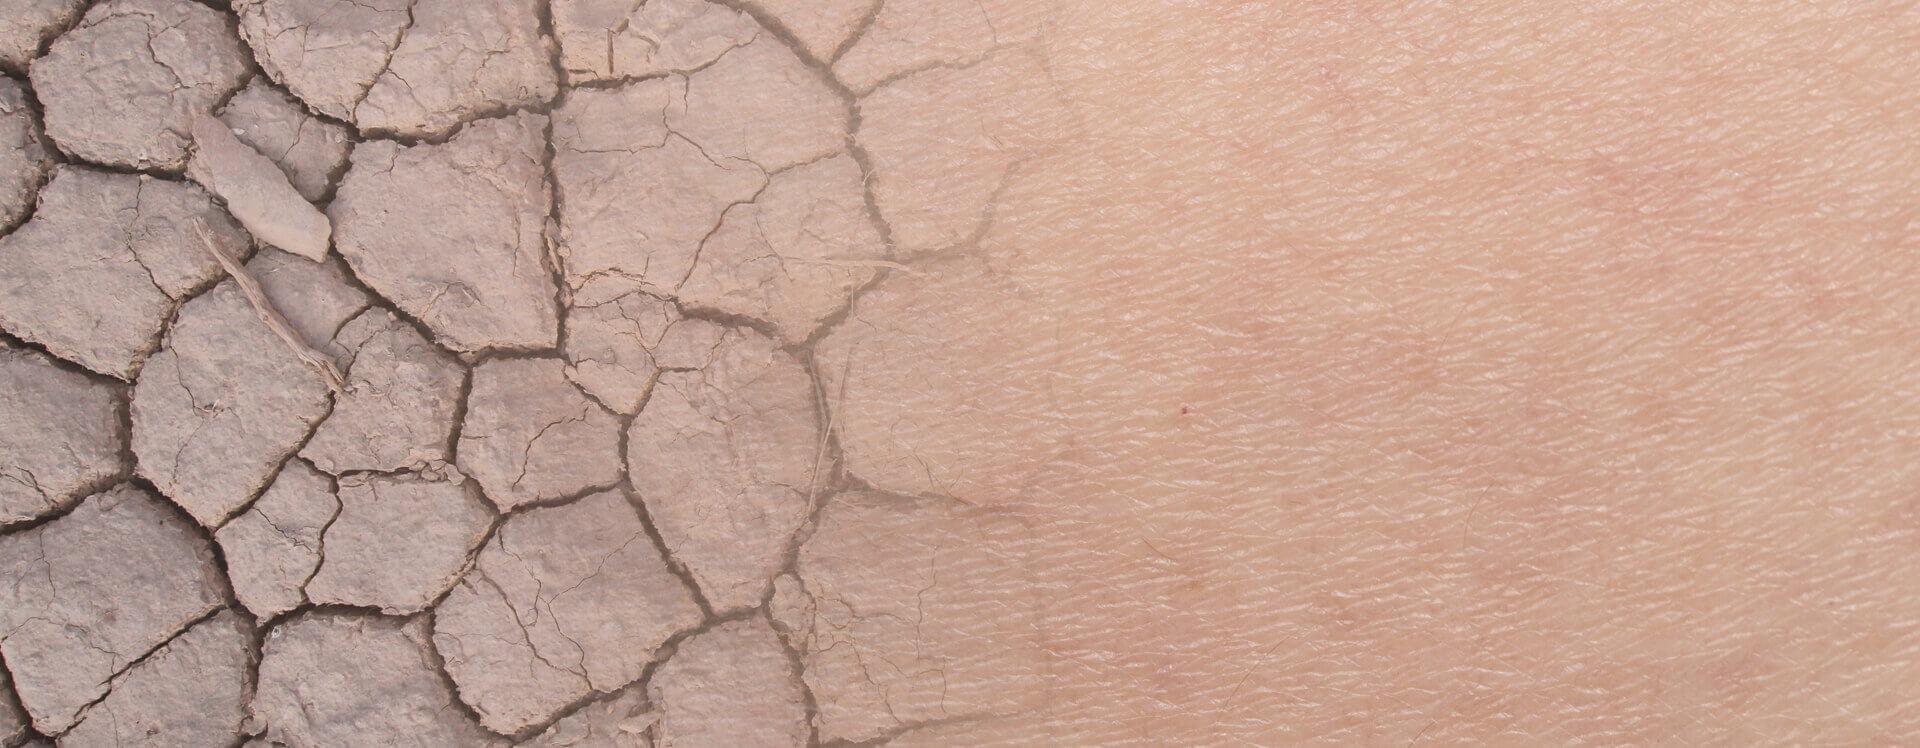 Trockene Haut Ursachen Tipps Pflege Mit Linolsäure